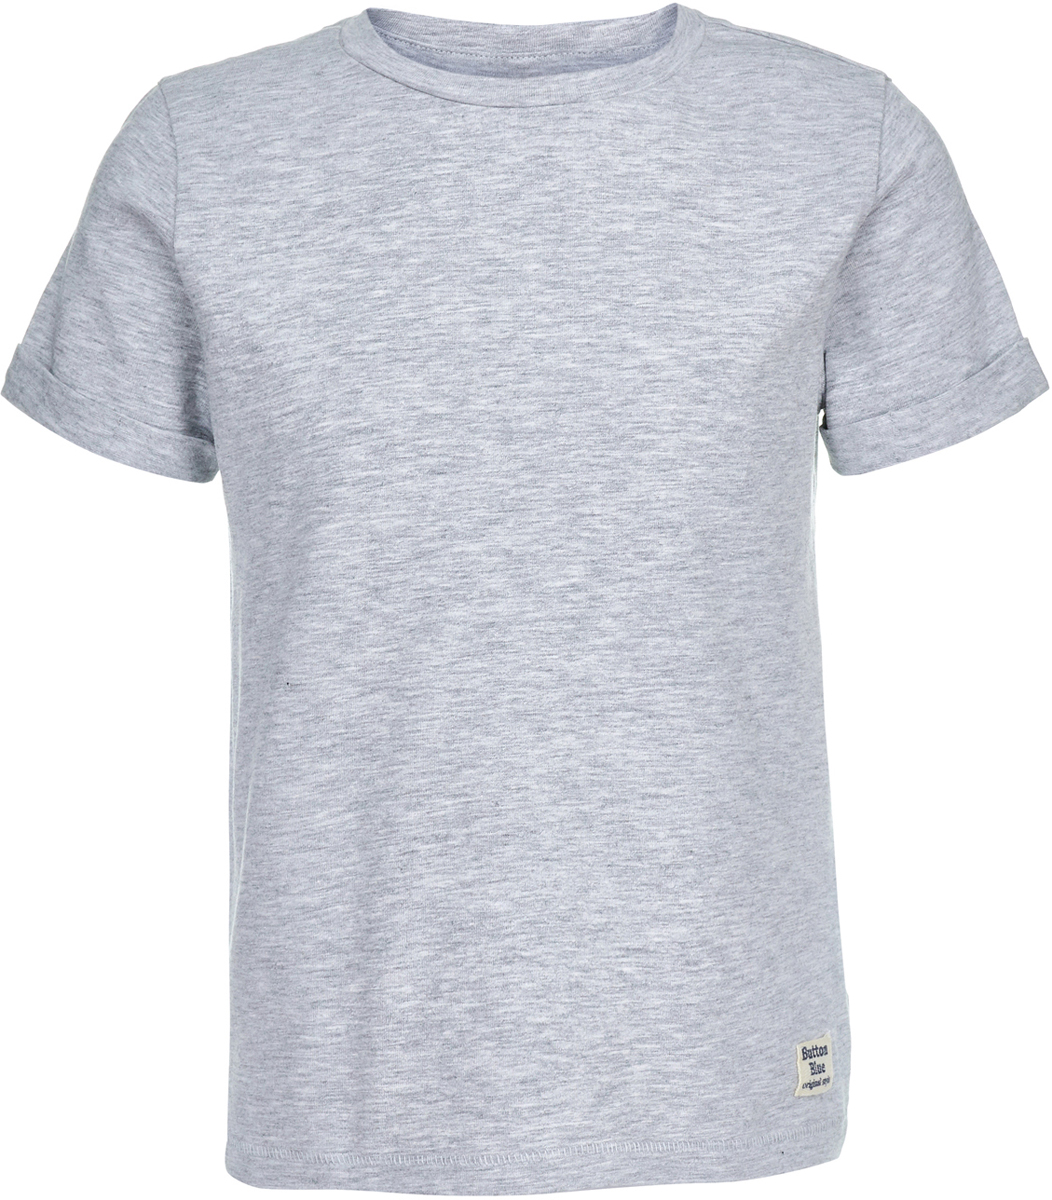 Футболка для мальчика Button Blue, цвет: серый. 118BBBC12011900. Размер 146118BBBC12011900Легкая трикотажная однотонная футболка от Button Blue - идеальная одежда на лето для мальчика. Футболка с коротким рукавом изготовлена из эластичного хлопка. Круглый вырез горловины дополнен трикотажной резинкой. Такая футболка станет основой множества образов, а универсальный цвет модели позволяет ей удачно смотреться в сочетании с самыми разными цветами и оттенками.